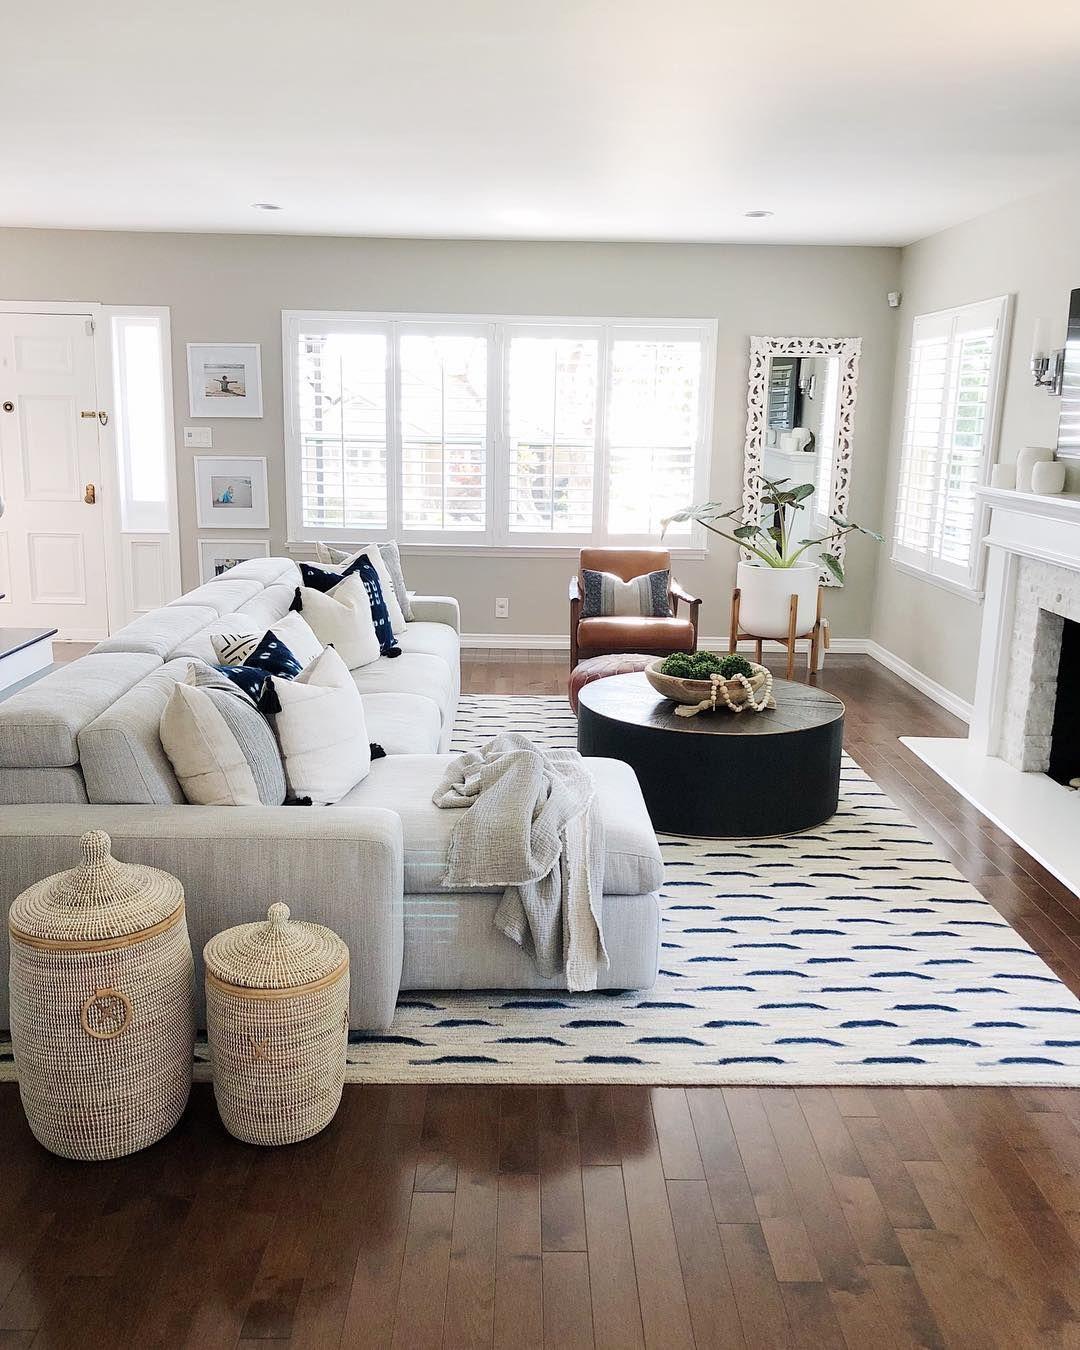 pin by allie lamb on design living room room living room decor rh pinterest com